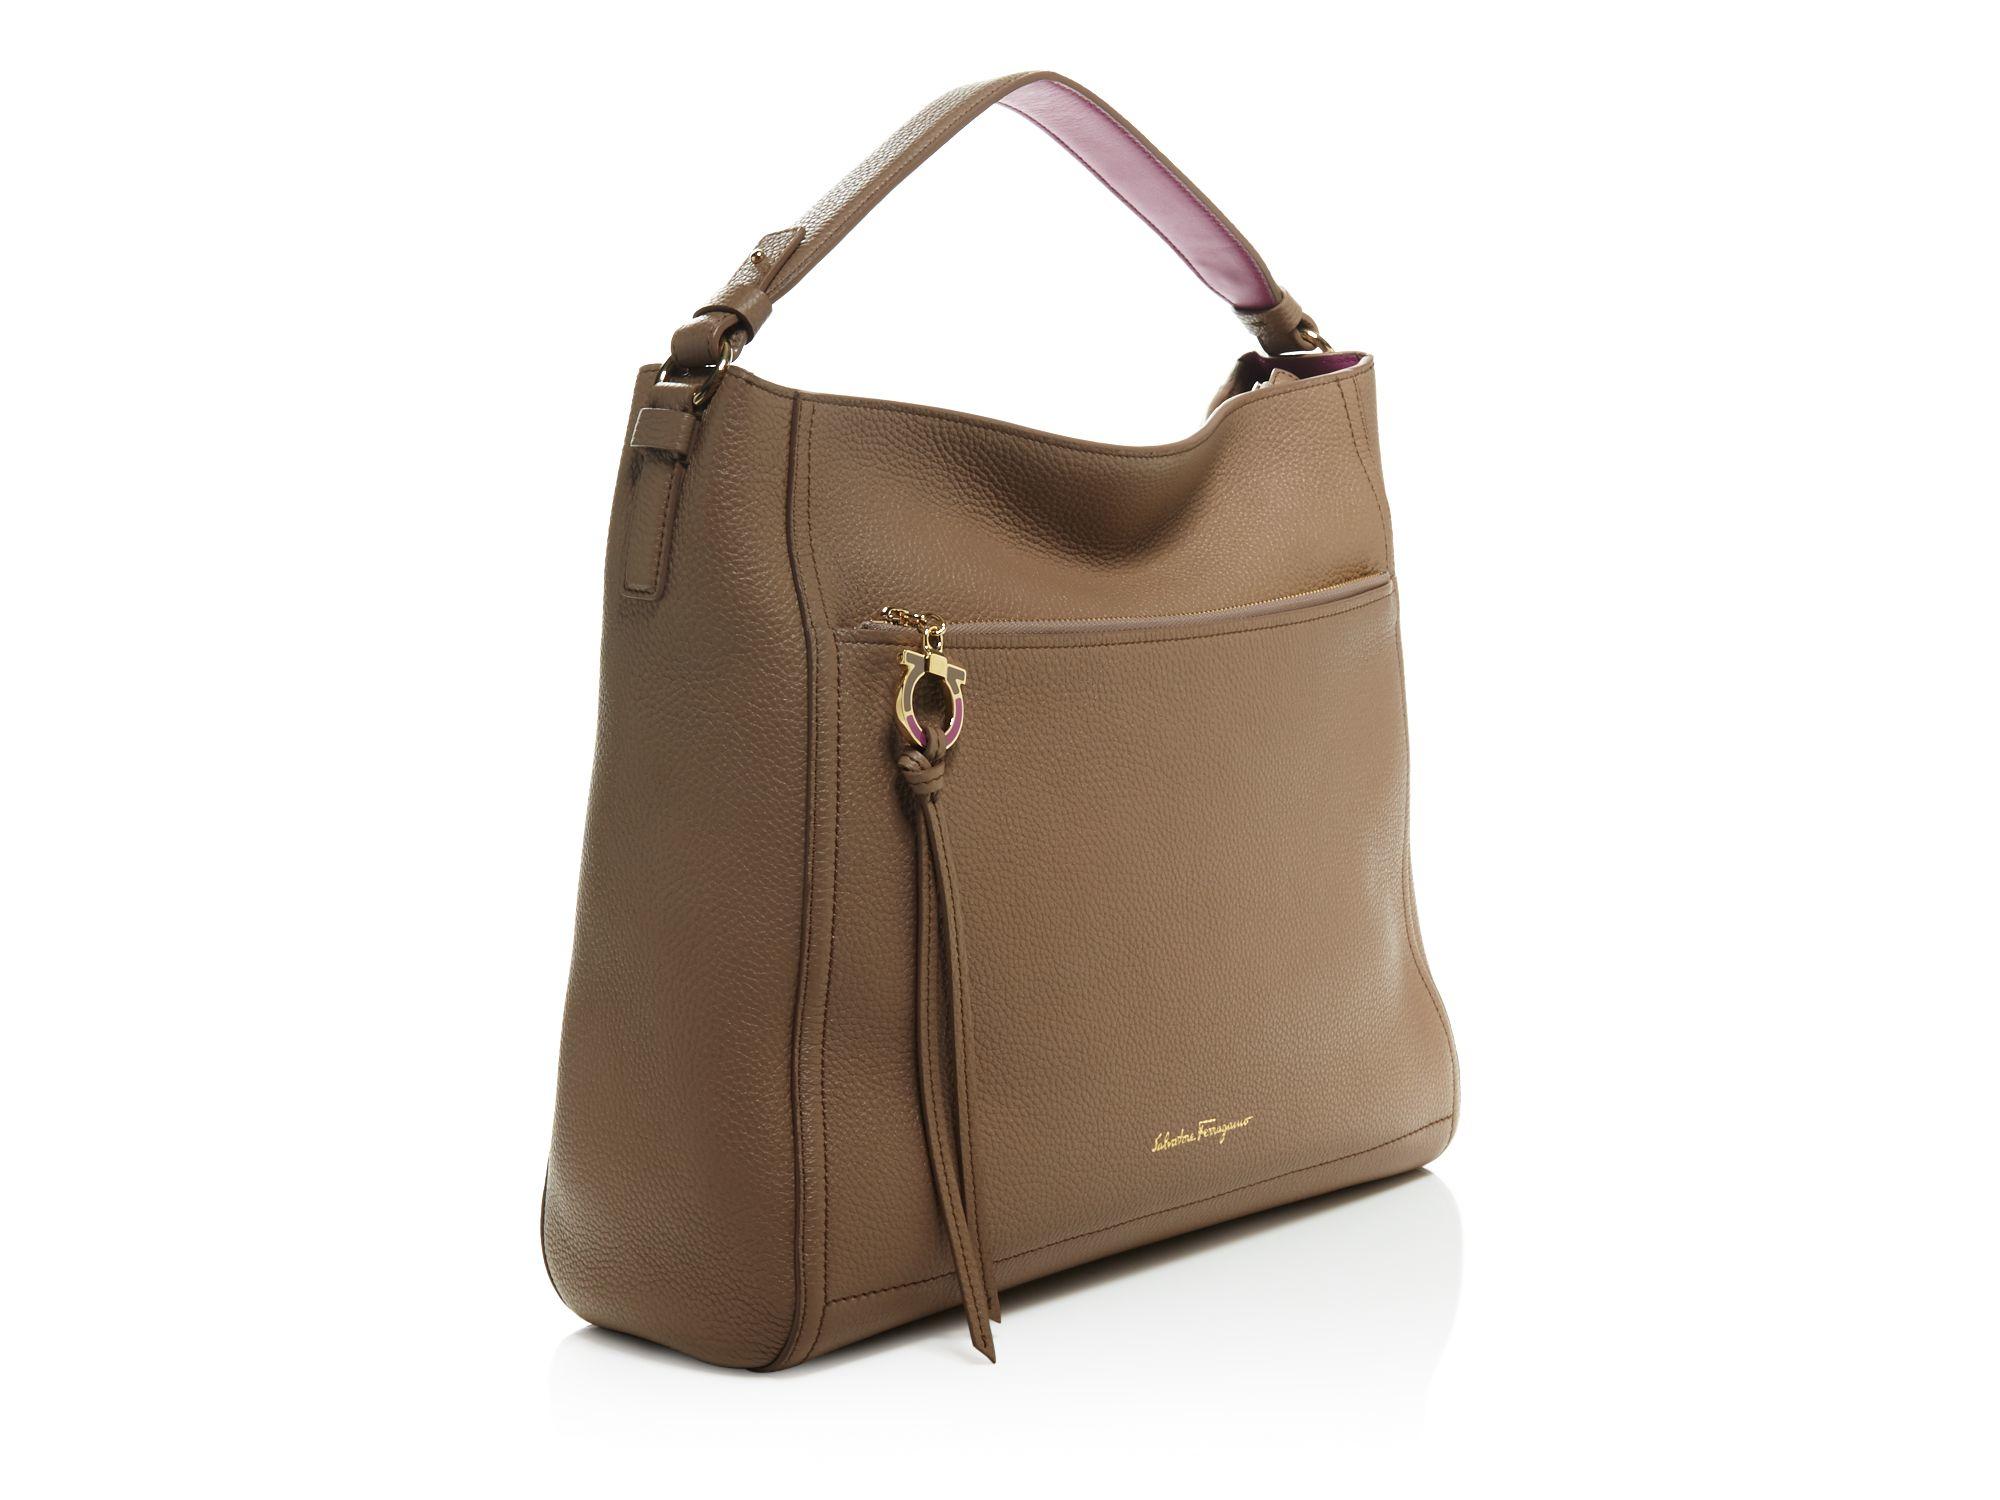 Lyst - Ferragamo Large Ally Shoulder Bag in Brown 7c89a1409b467